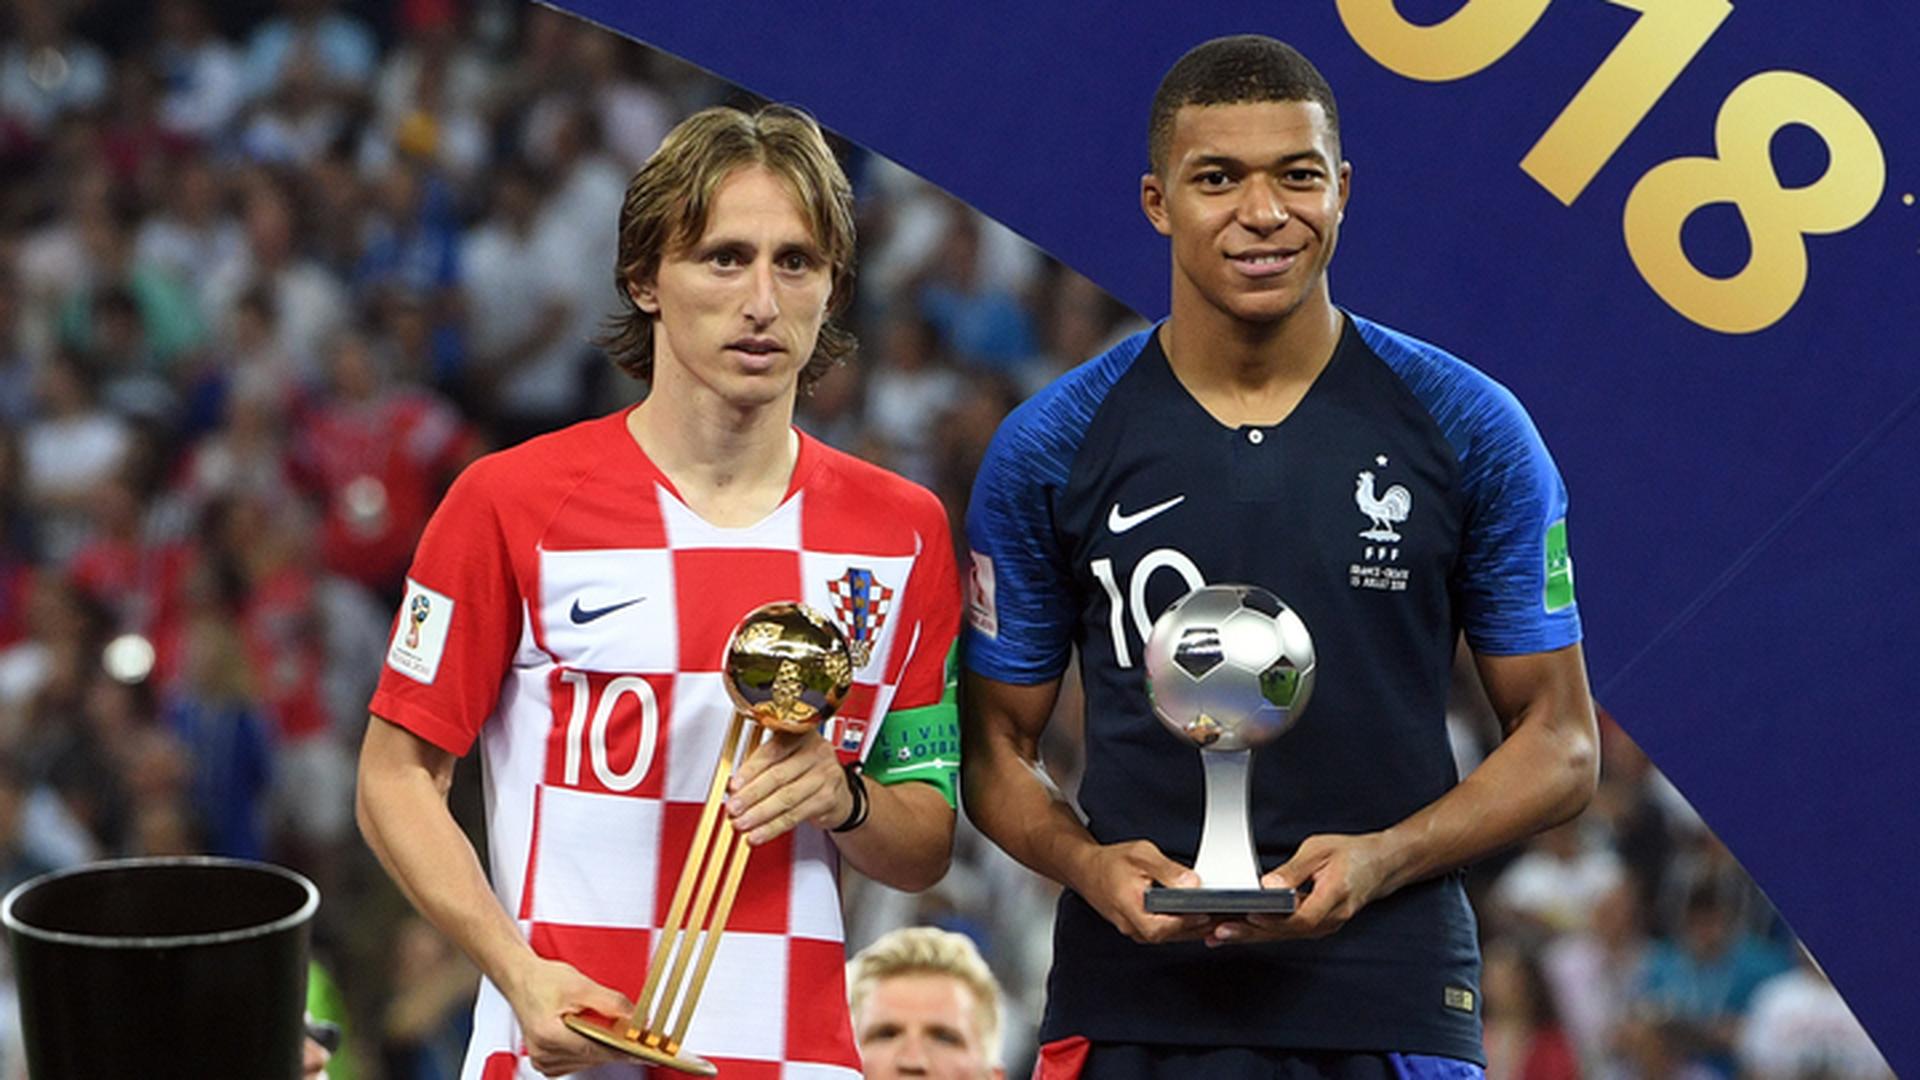 ФИФА назвала символическую сборную чемпионата мира по версии болельщиков